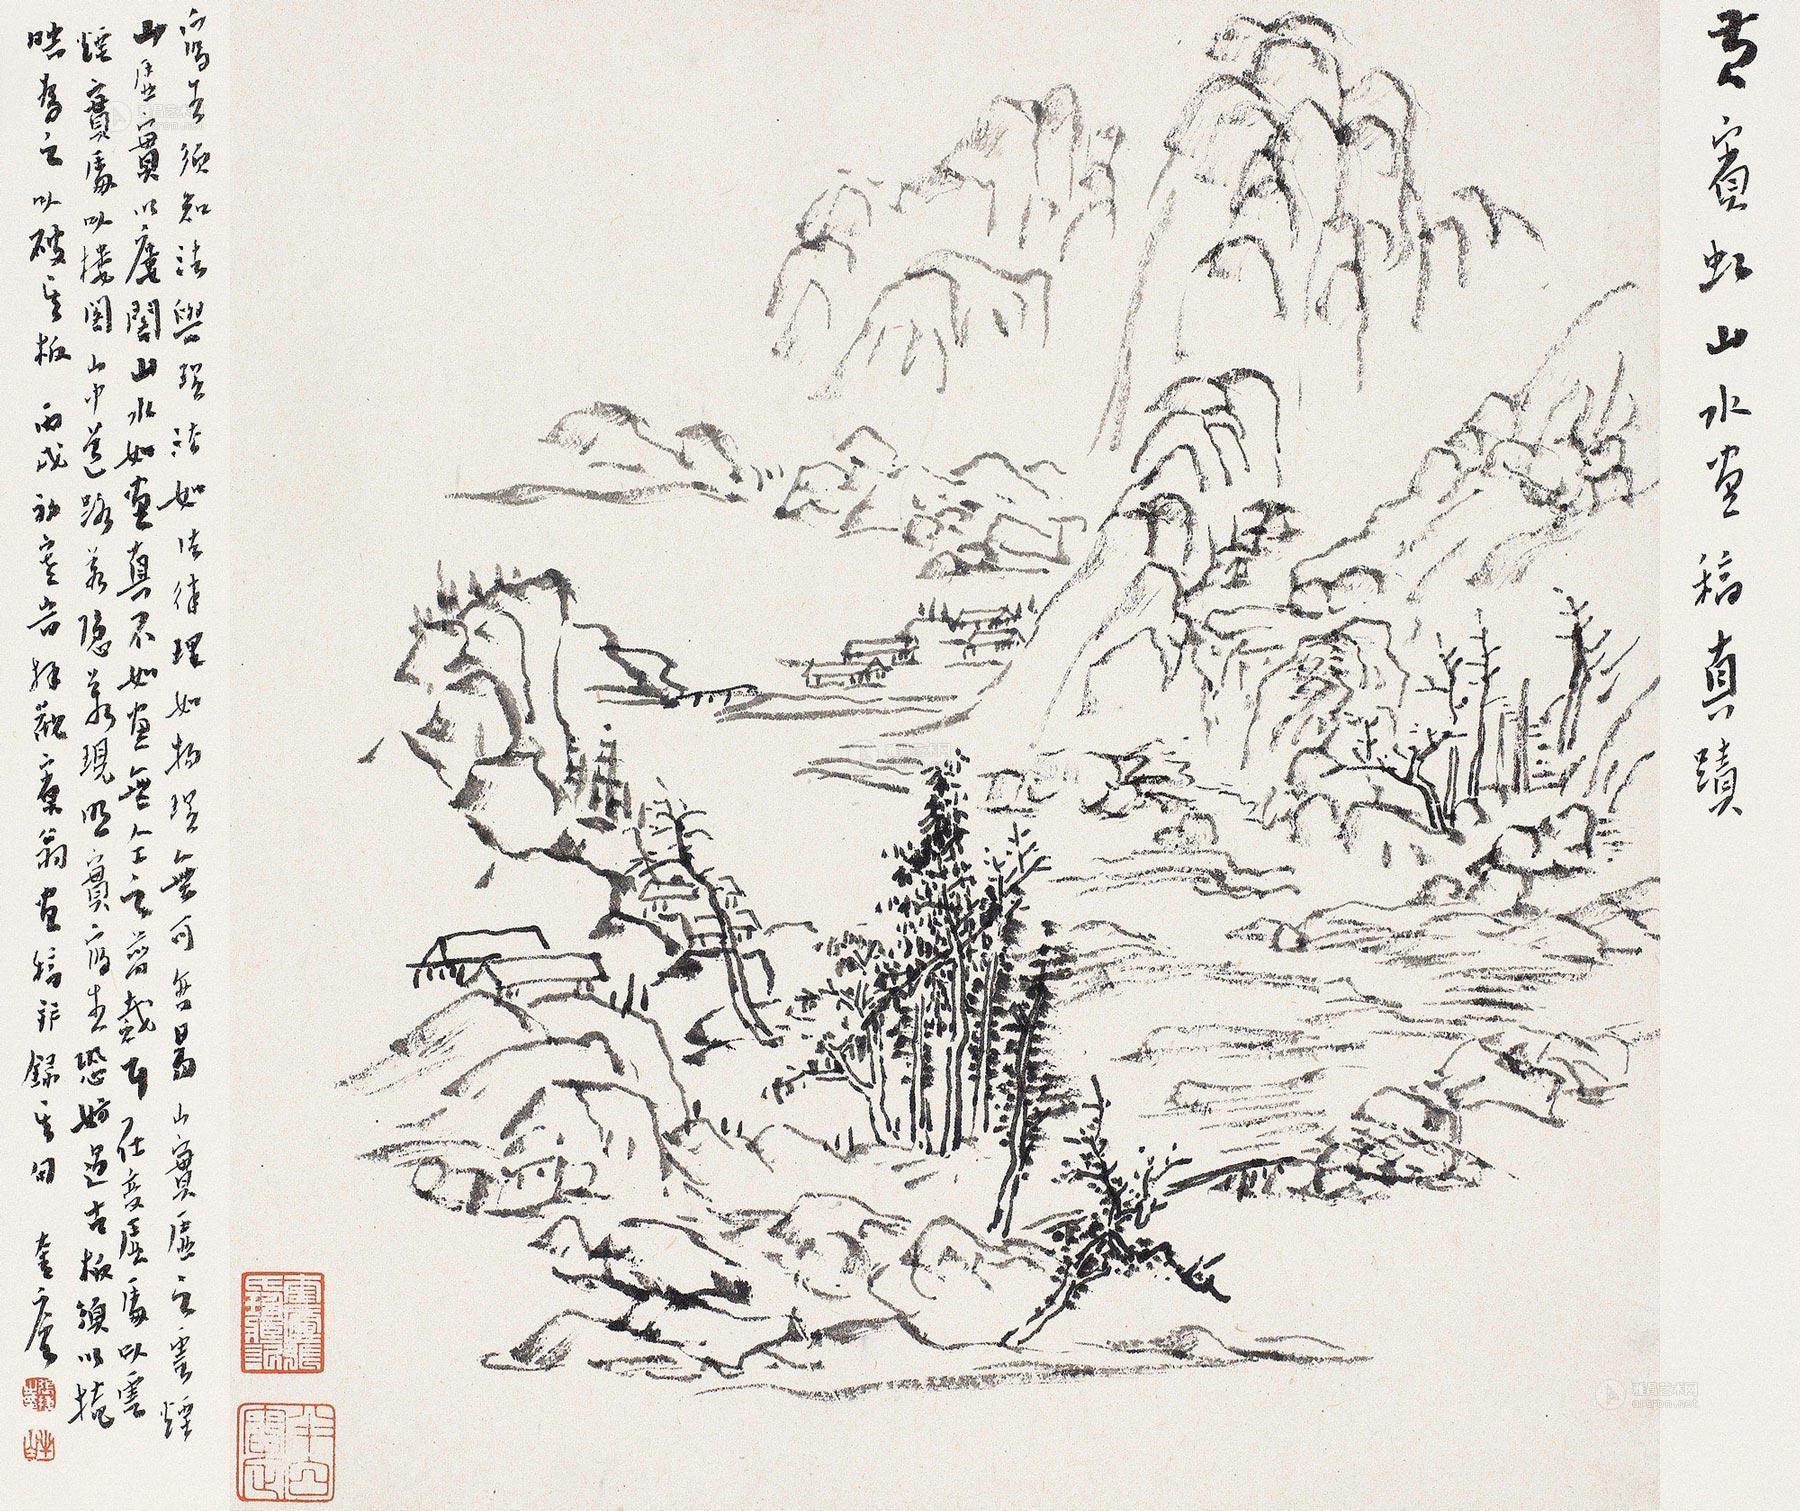 0222 山水画稿 镜片 水墨纸本